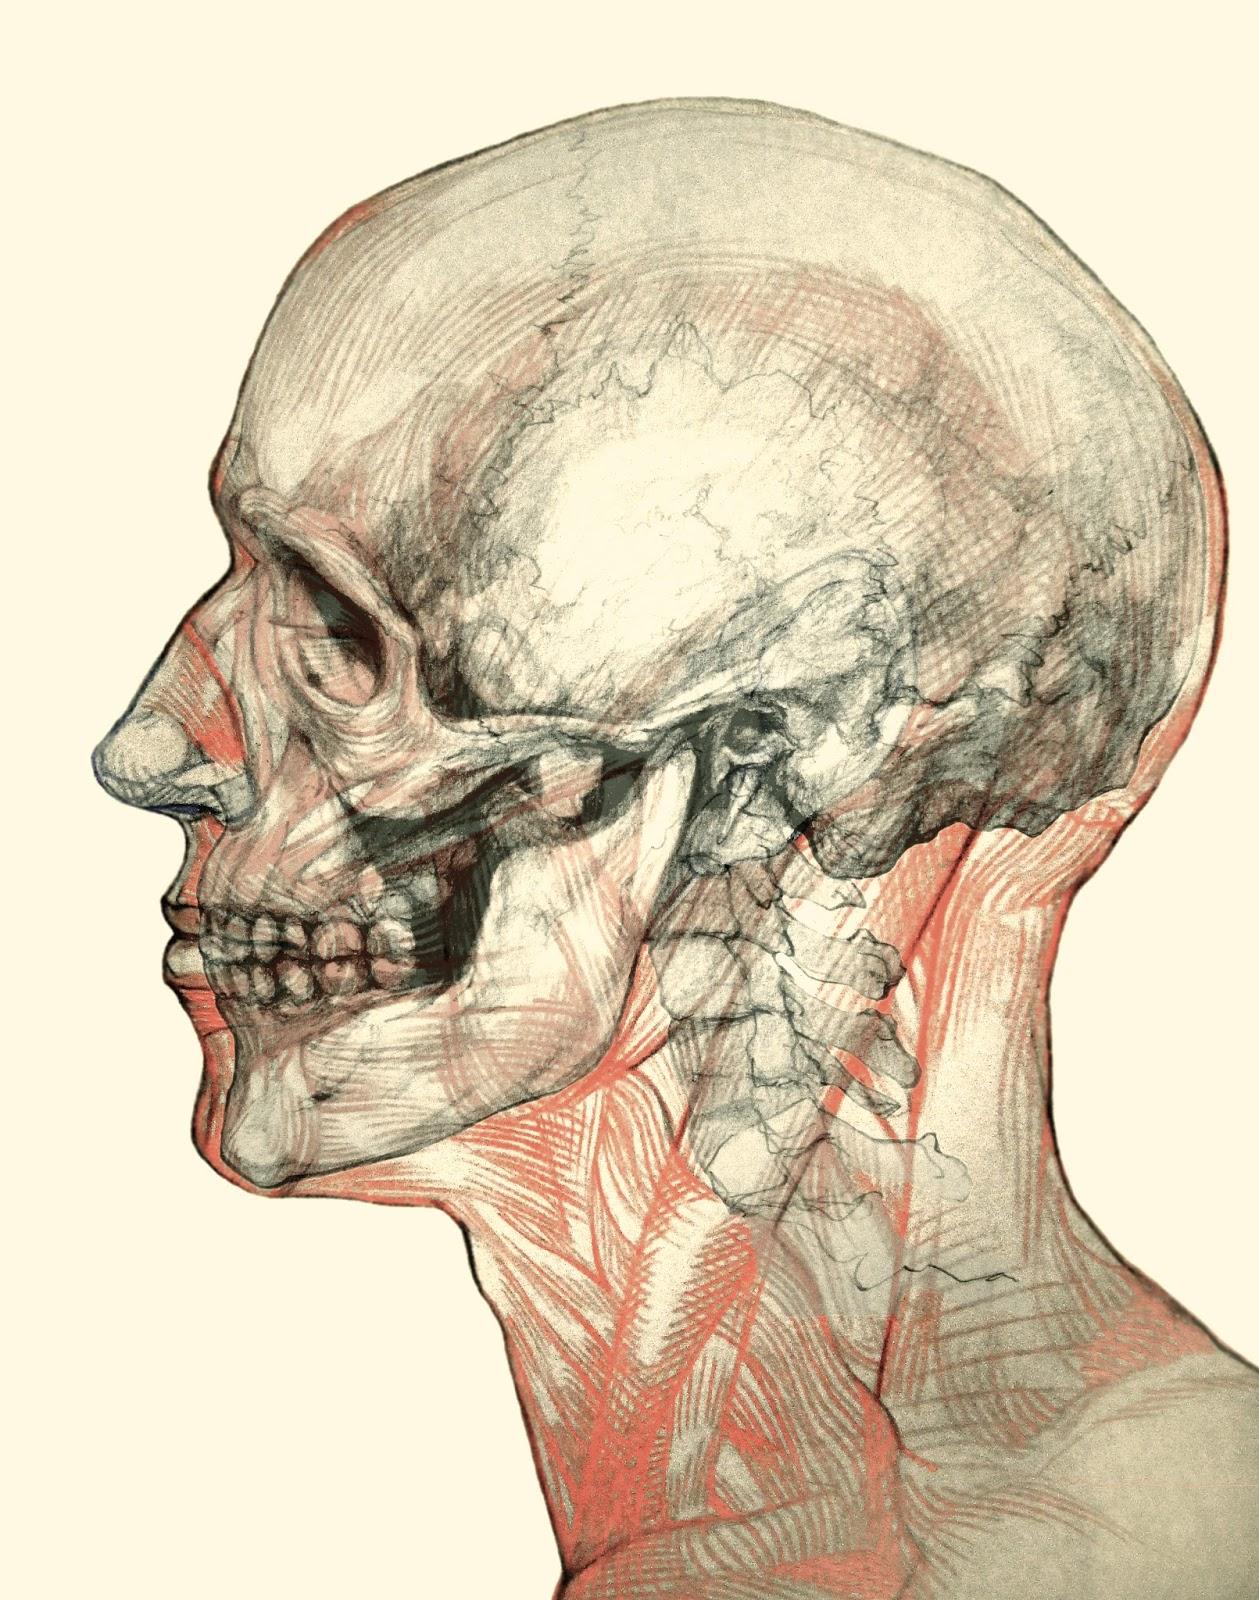 José Manuel Martínez Pérez Escultor: Anatomía de la cabeza.